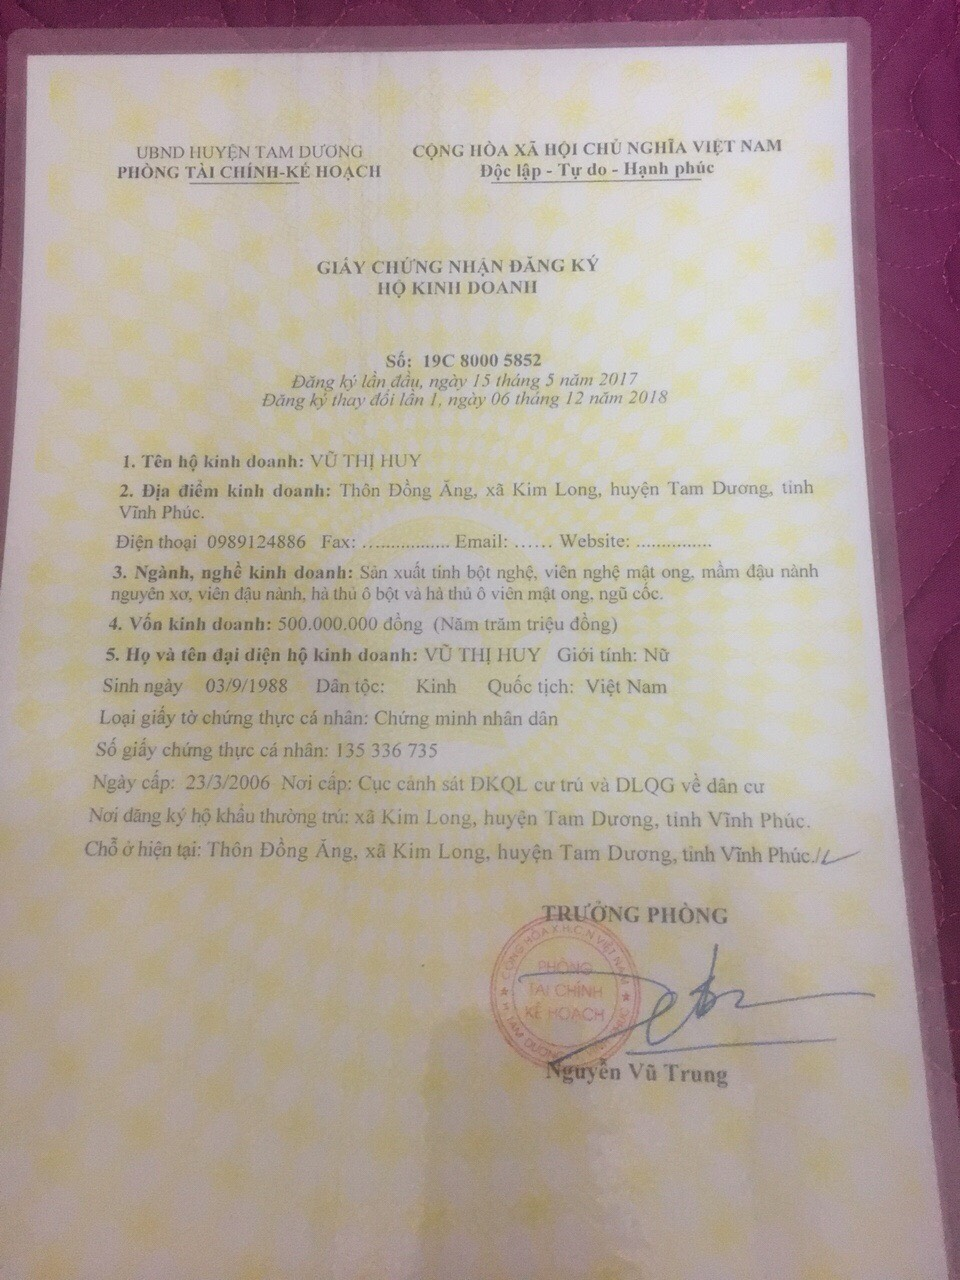 Mua bán tinh bột nghệ chính hãng tại Kiên Giang 2